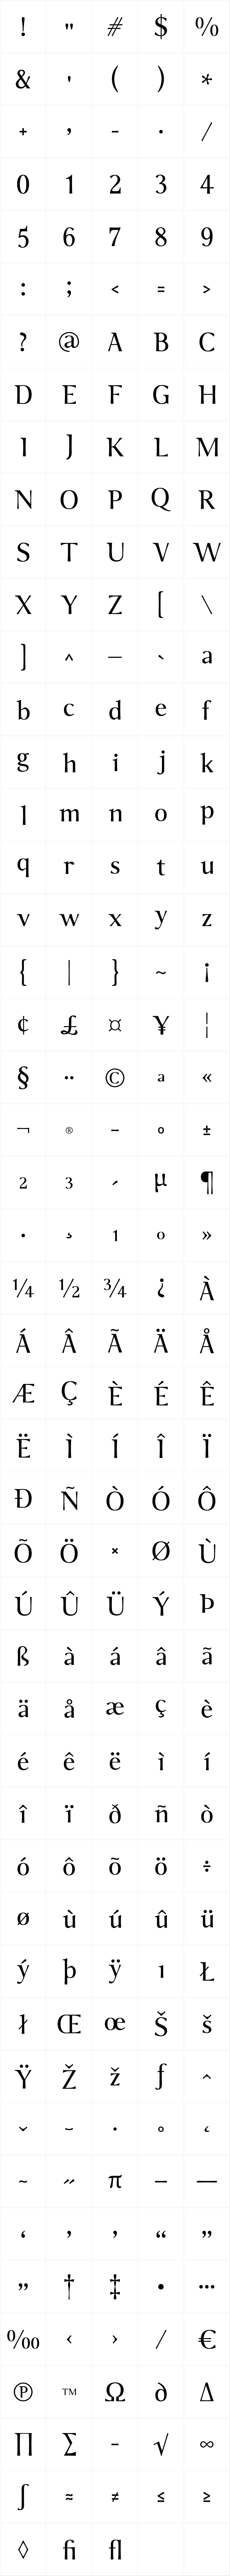 P22 Foxtrot Sans